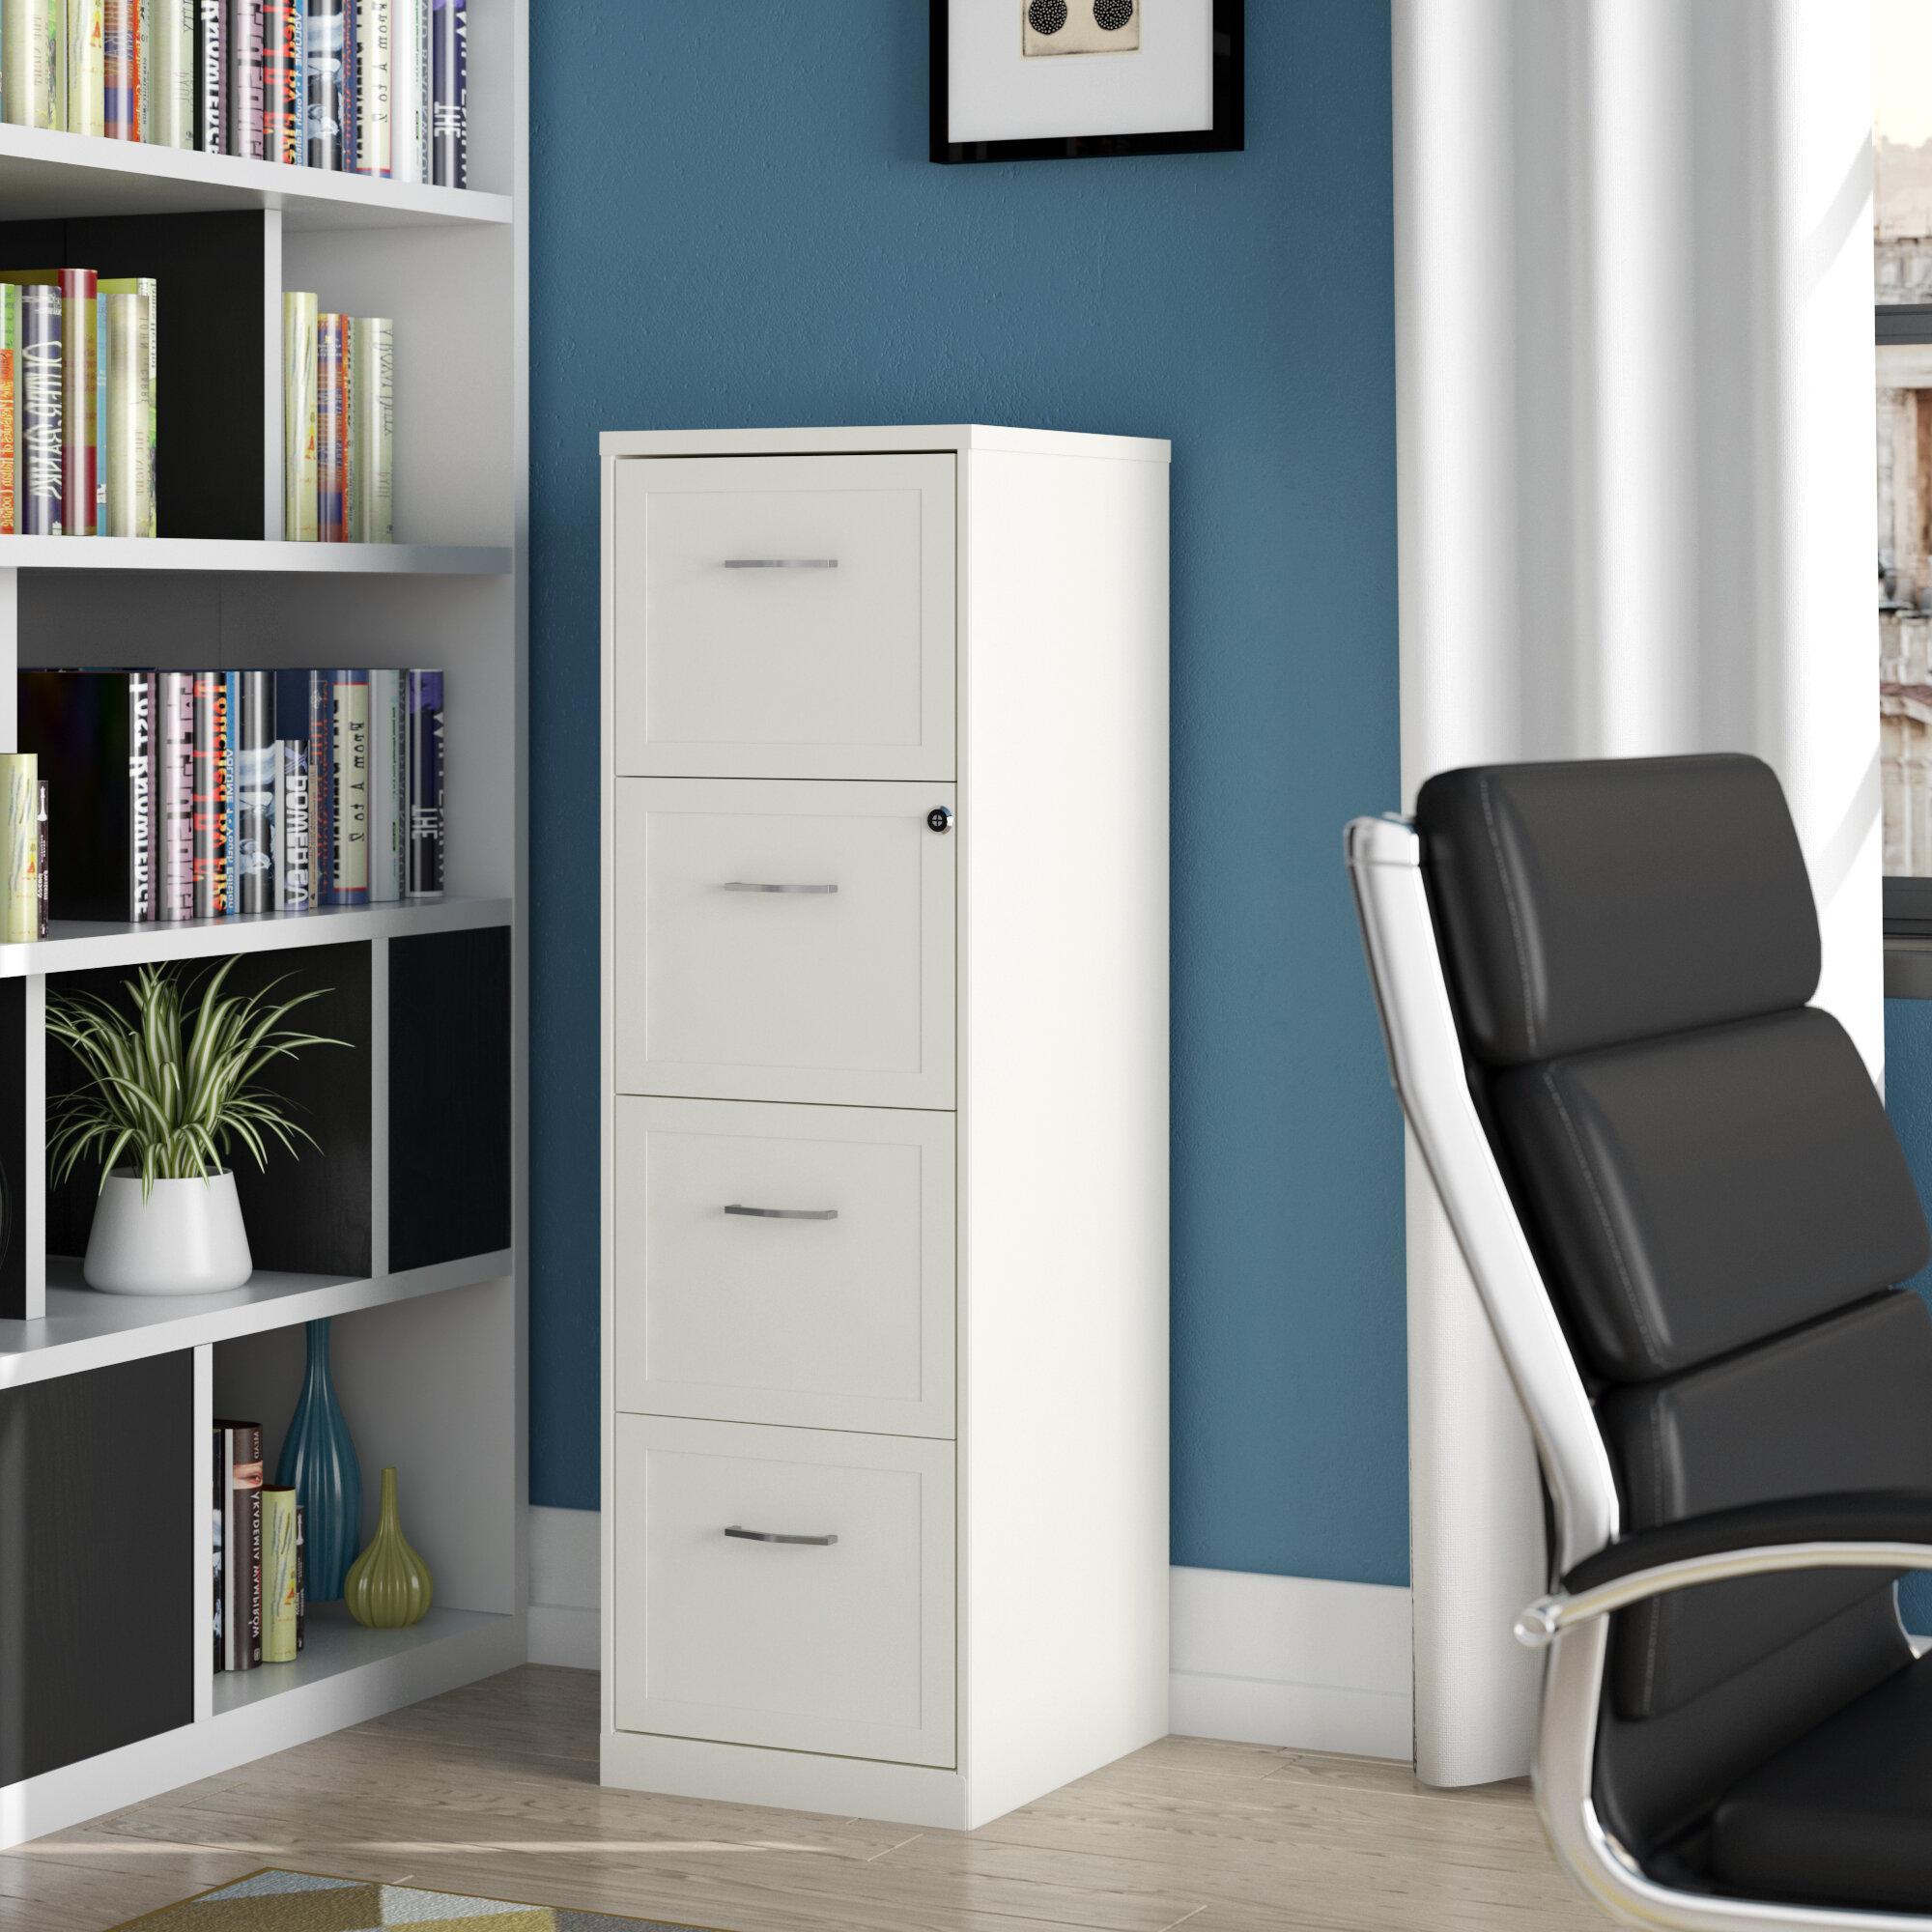 Ebern Designs Cavitt 4 Drawer Vertical Filing Cabinet & Reviews ...